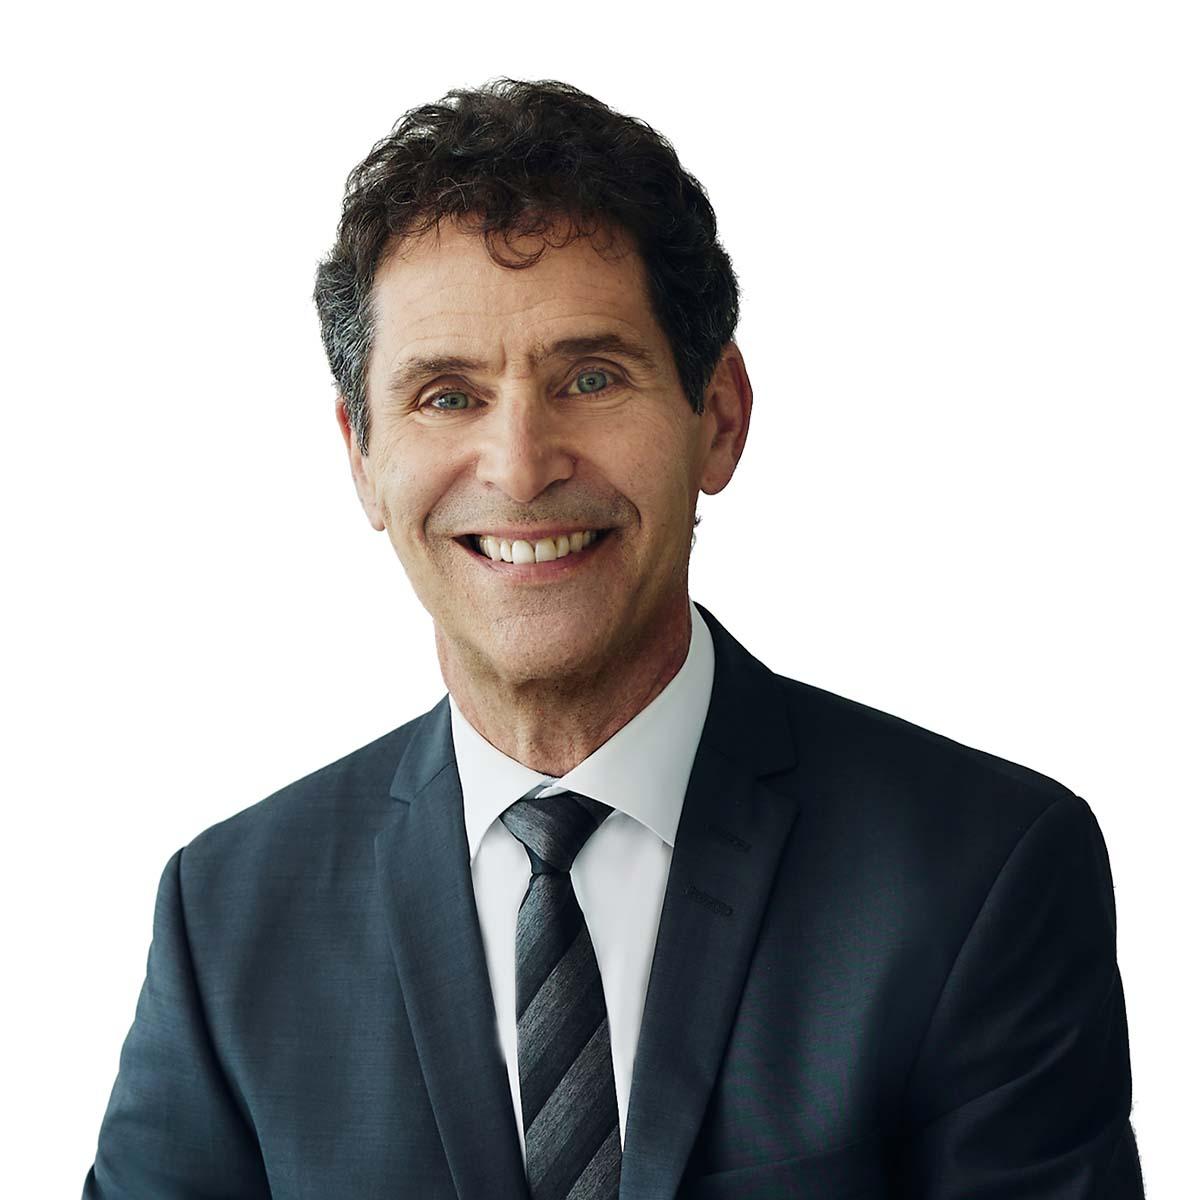 Jeffrey A. Citron